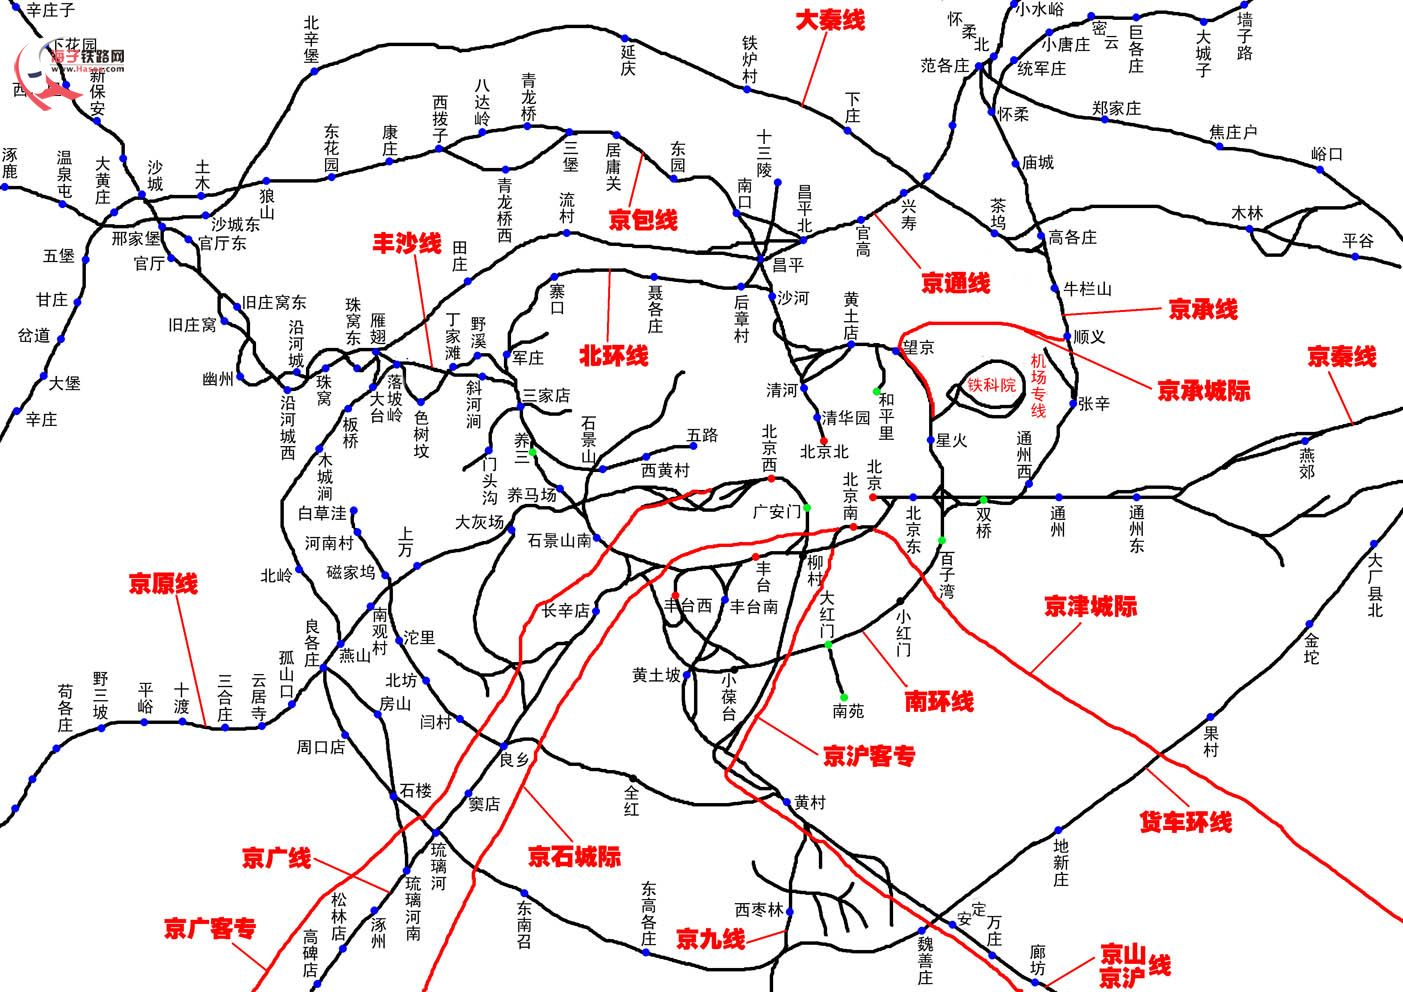 北京城区铁路.jpg 高清图片